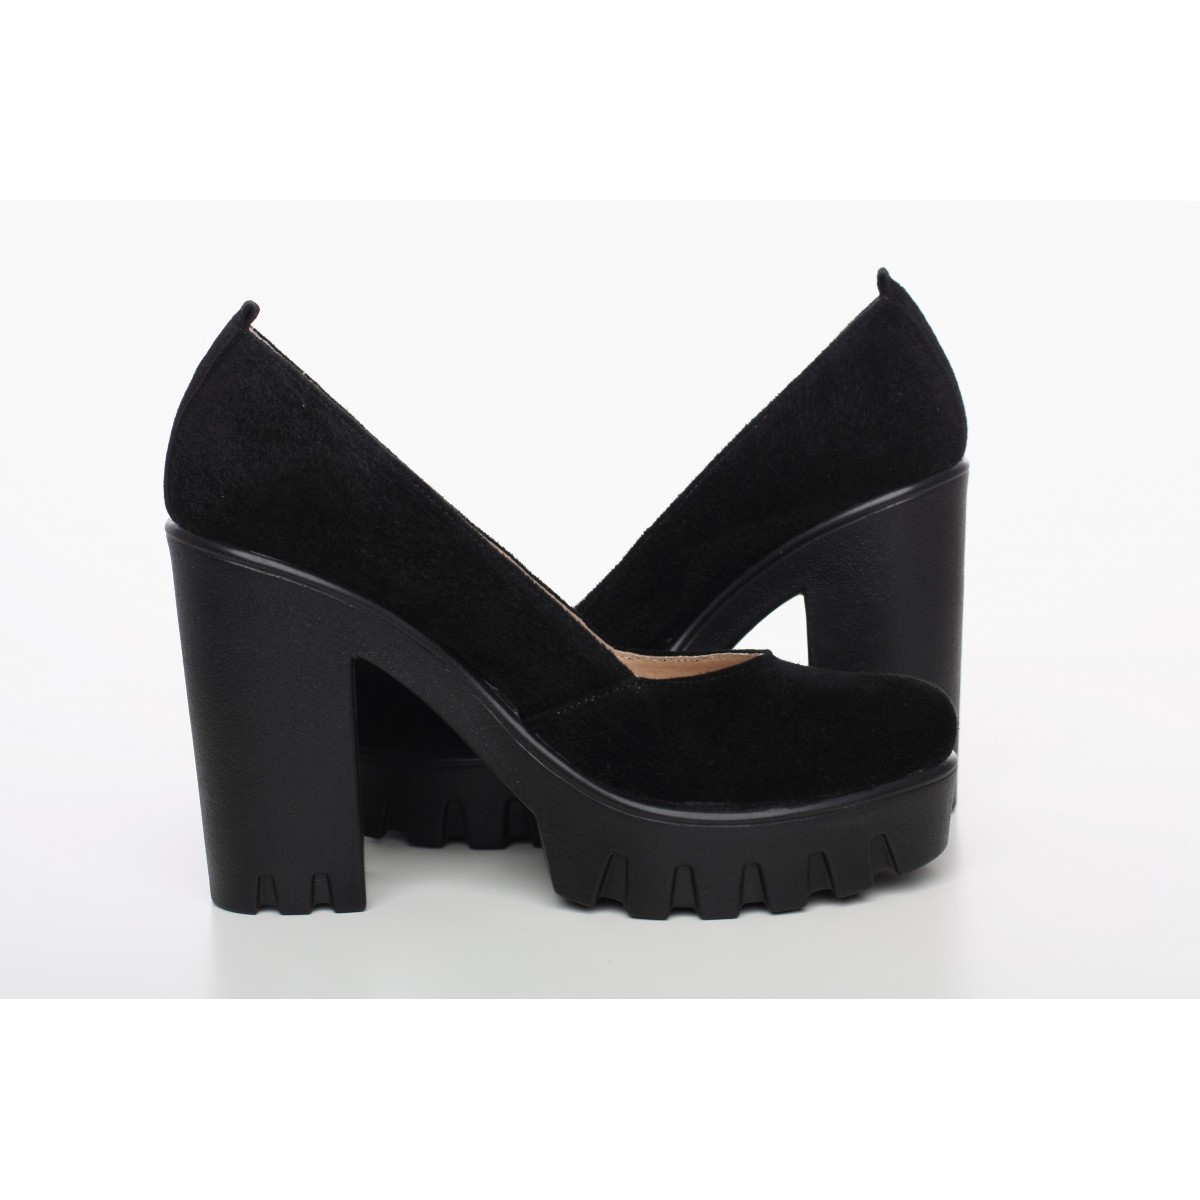 4a2840acd09d Замшевые туфли черные 818-13CH 40 размера